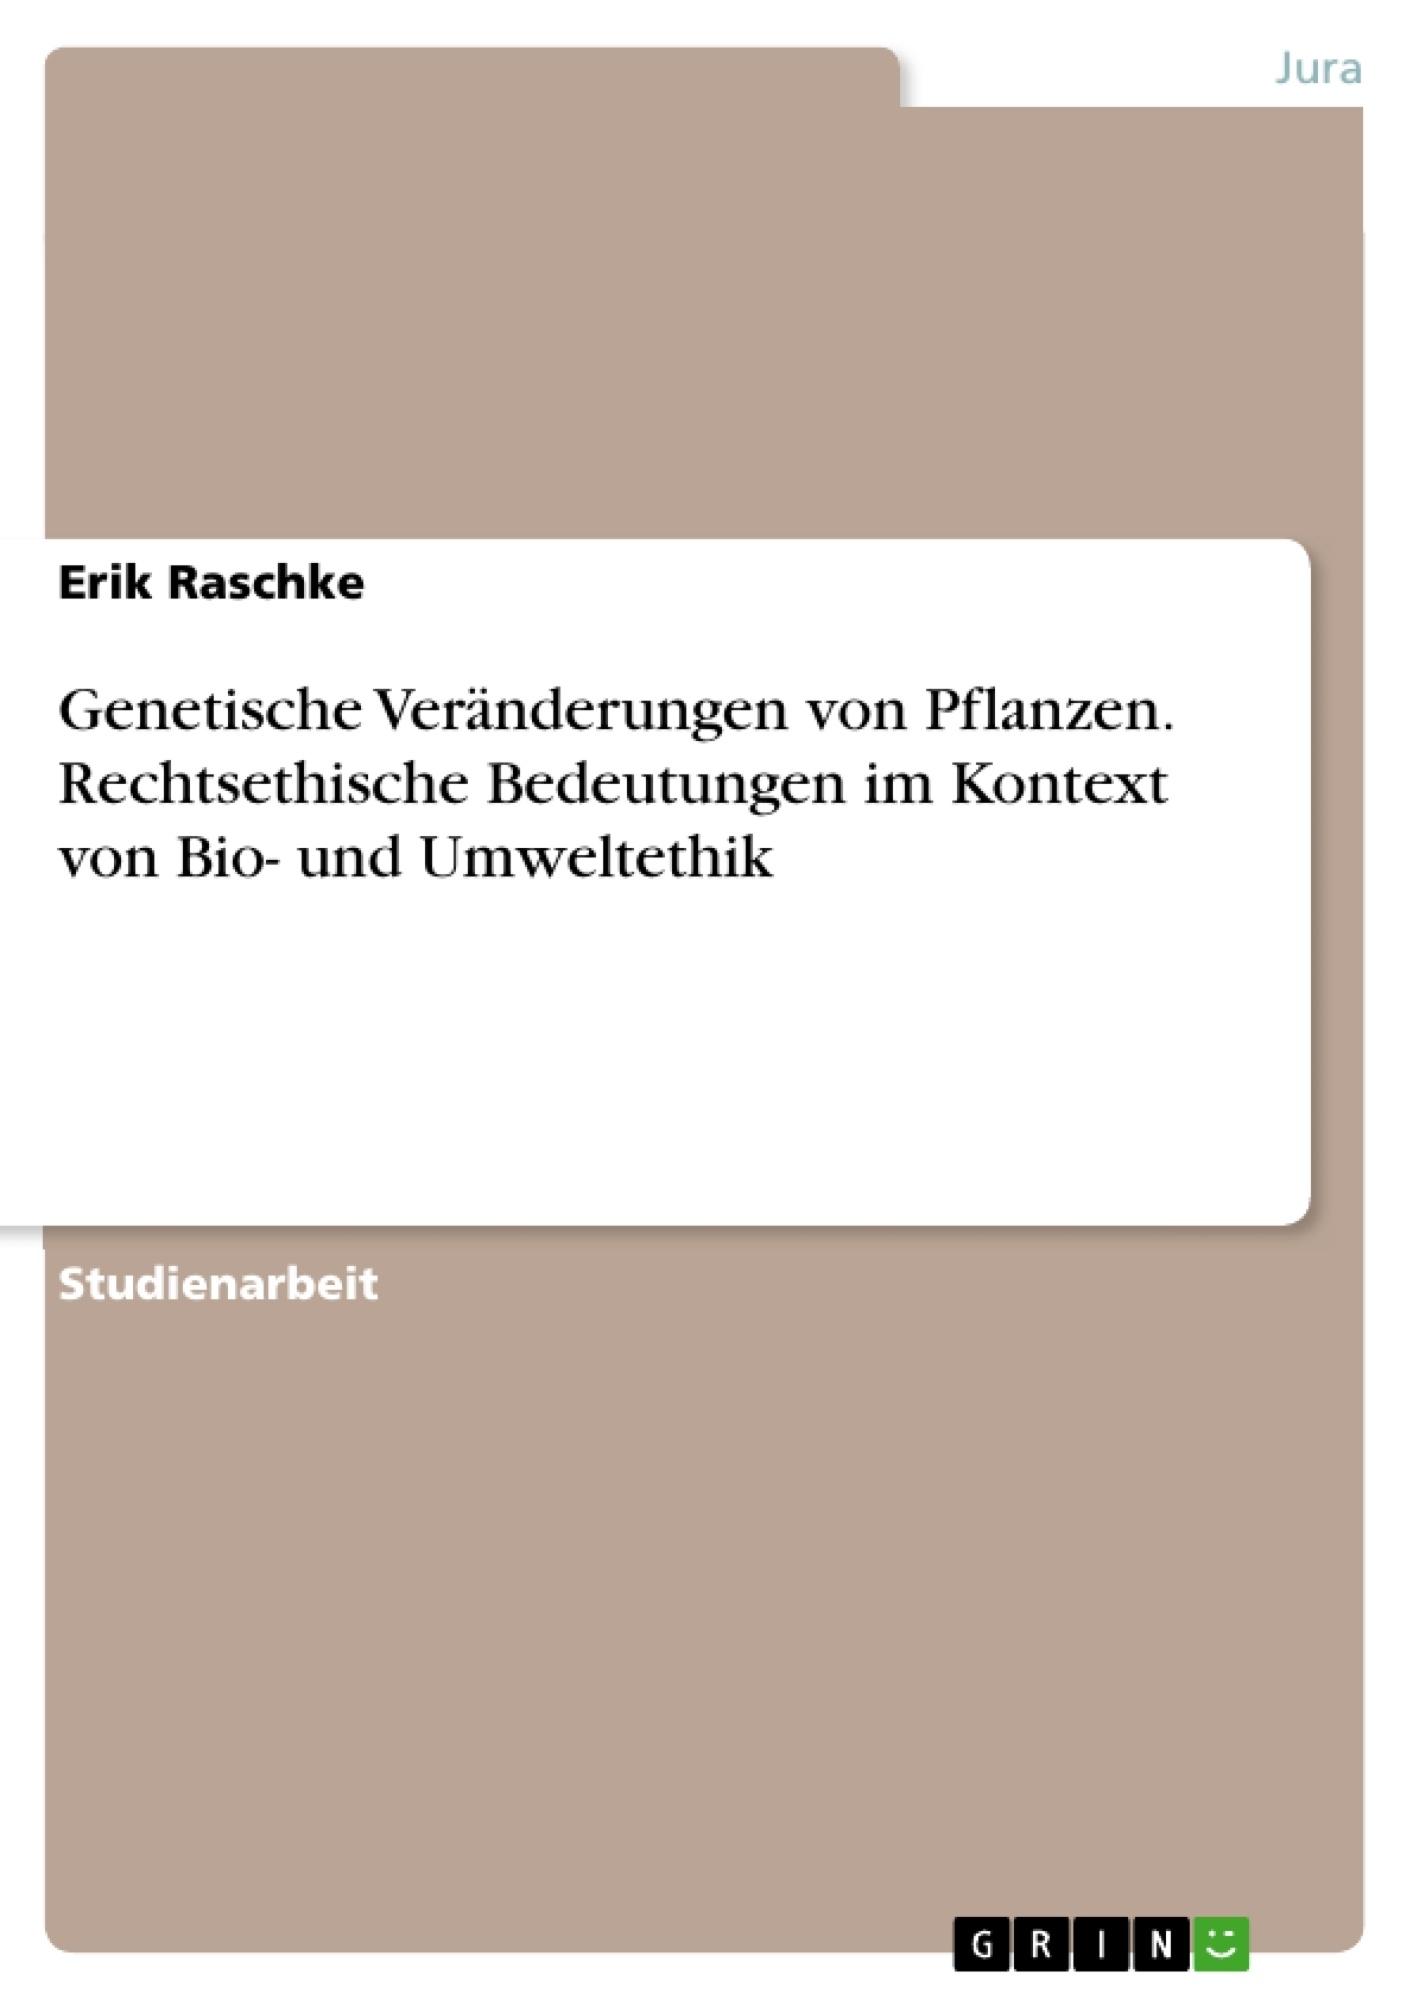 Titel: Genetische Veränderungen von Pflanzen. Rechtsethische Bedeutungen im Kontext von Bio- und Umweltethik